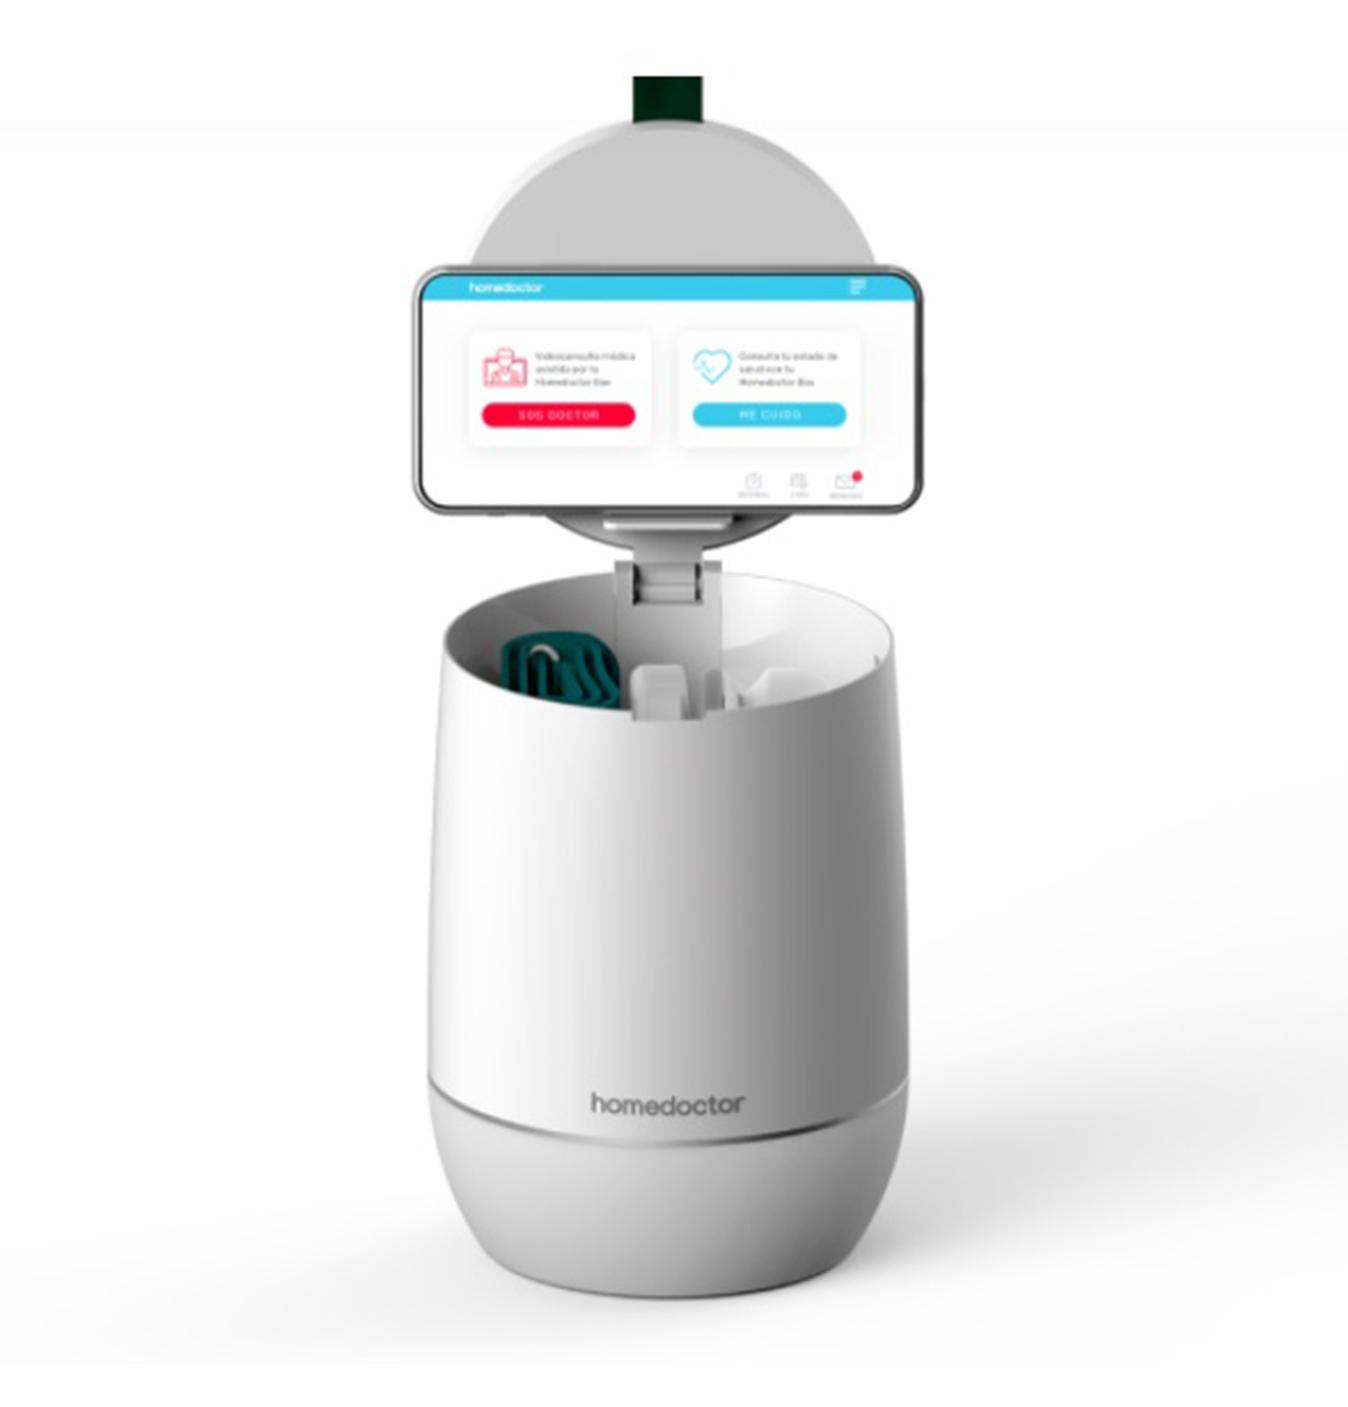 Robot Homedoctor